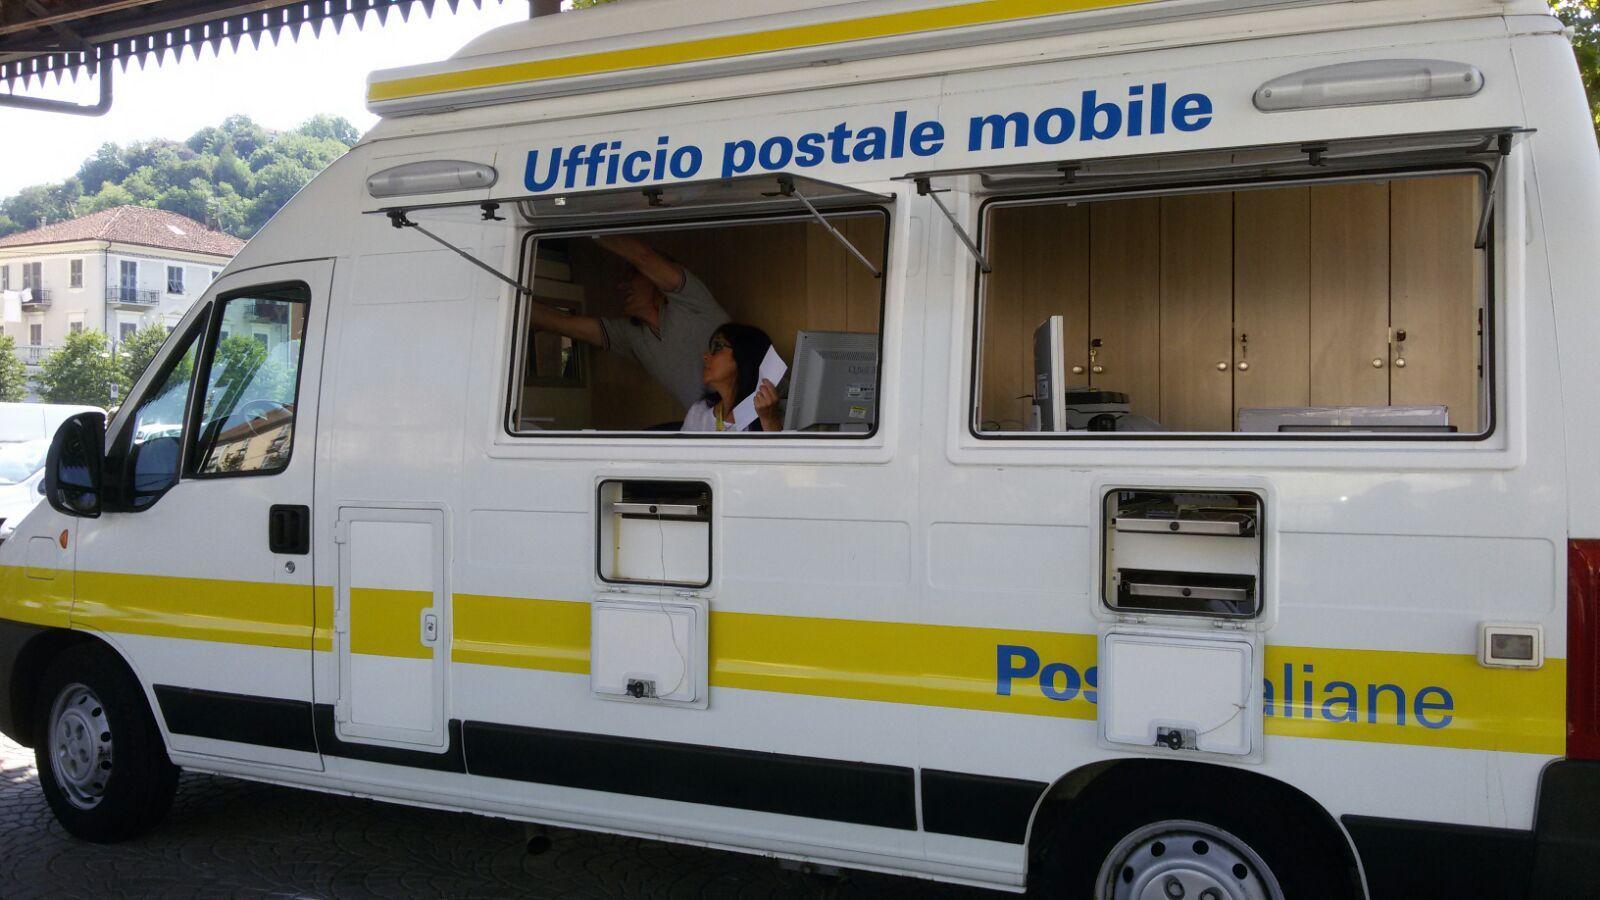 Da luned a santo stefano belbo sar in funzione l 39 ufficio for Mobile ufficio usato